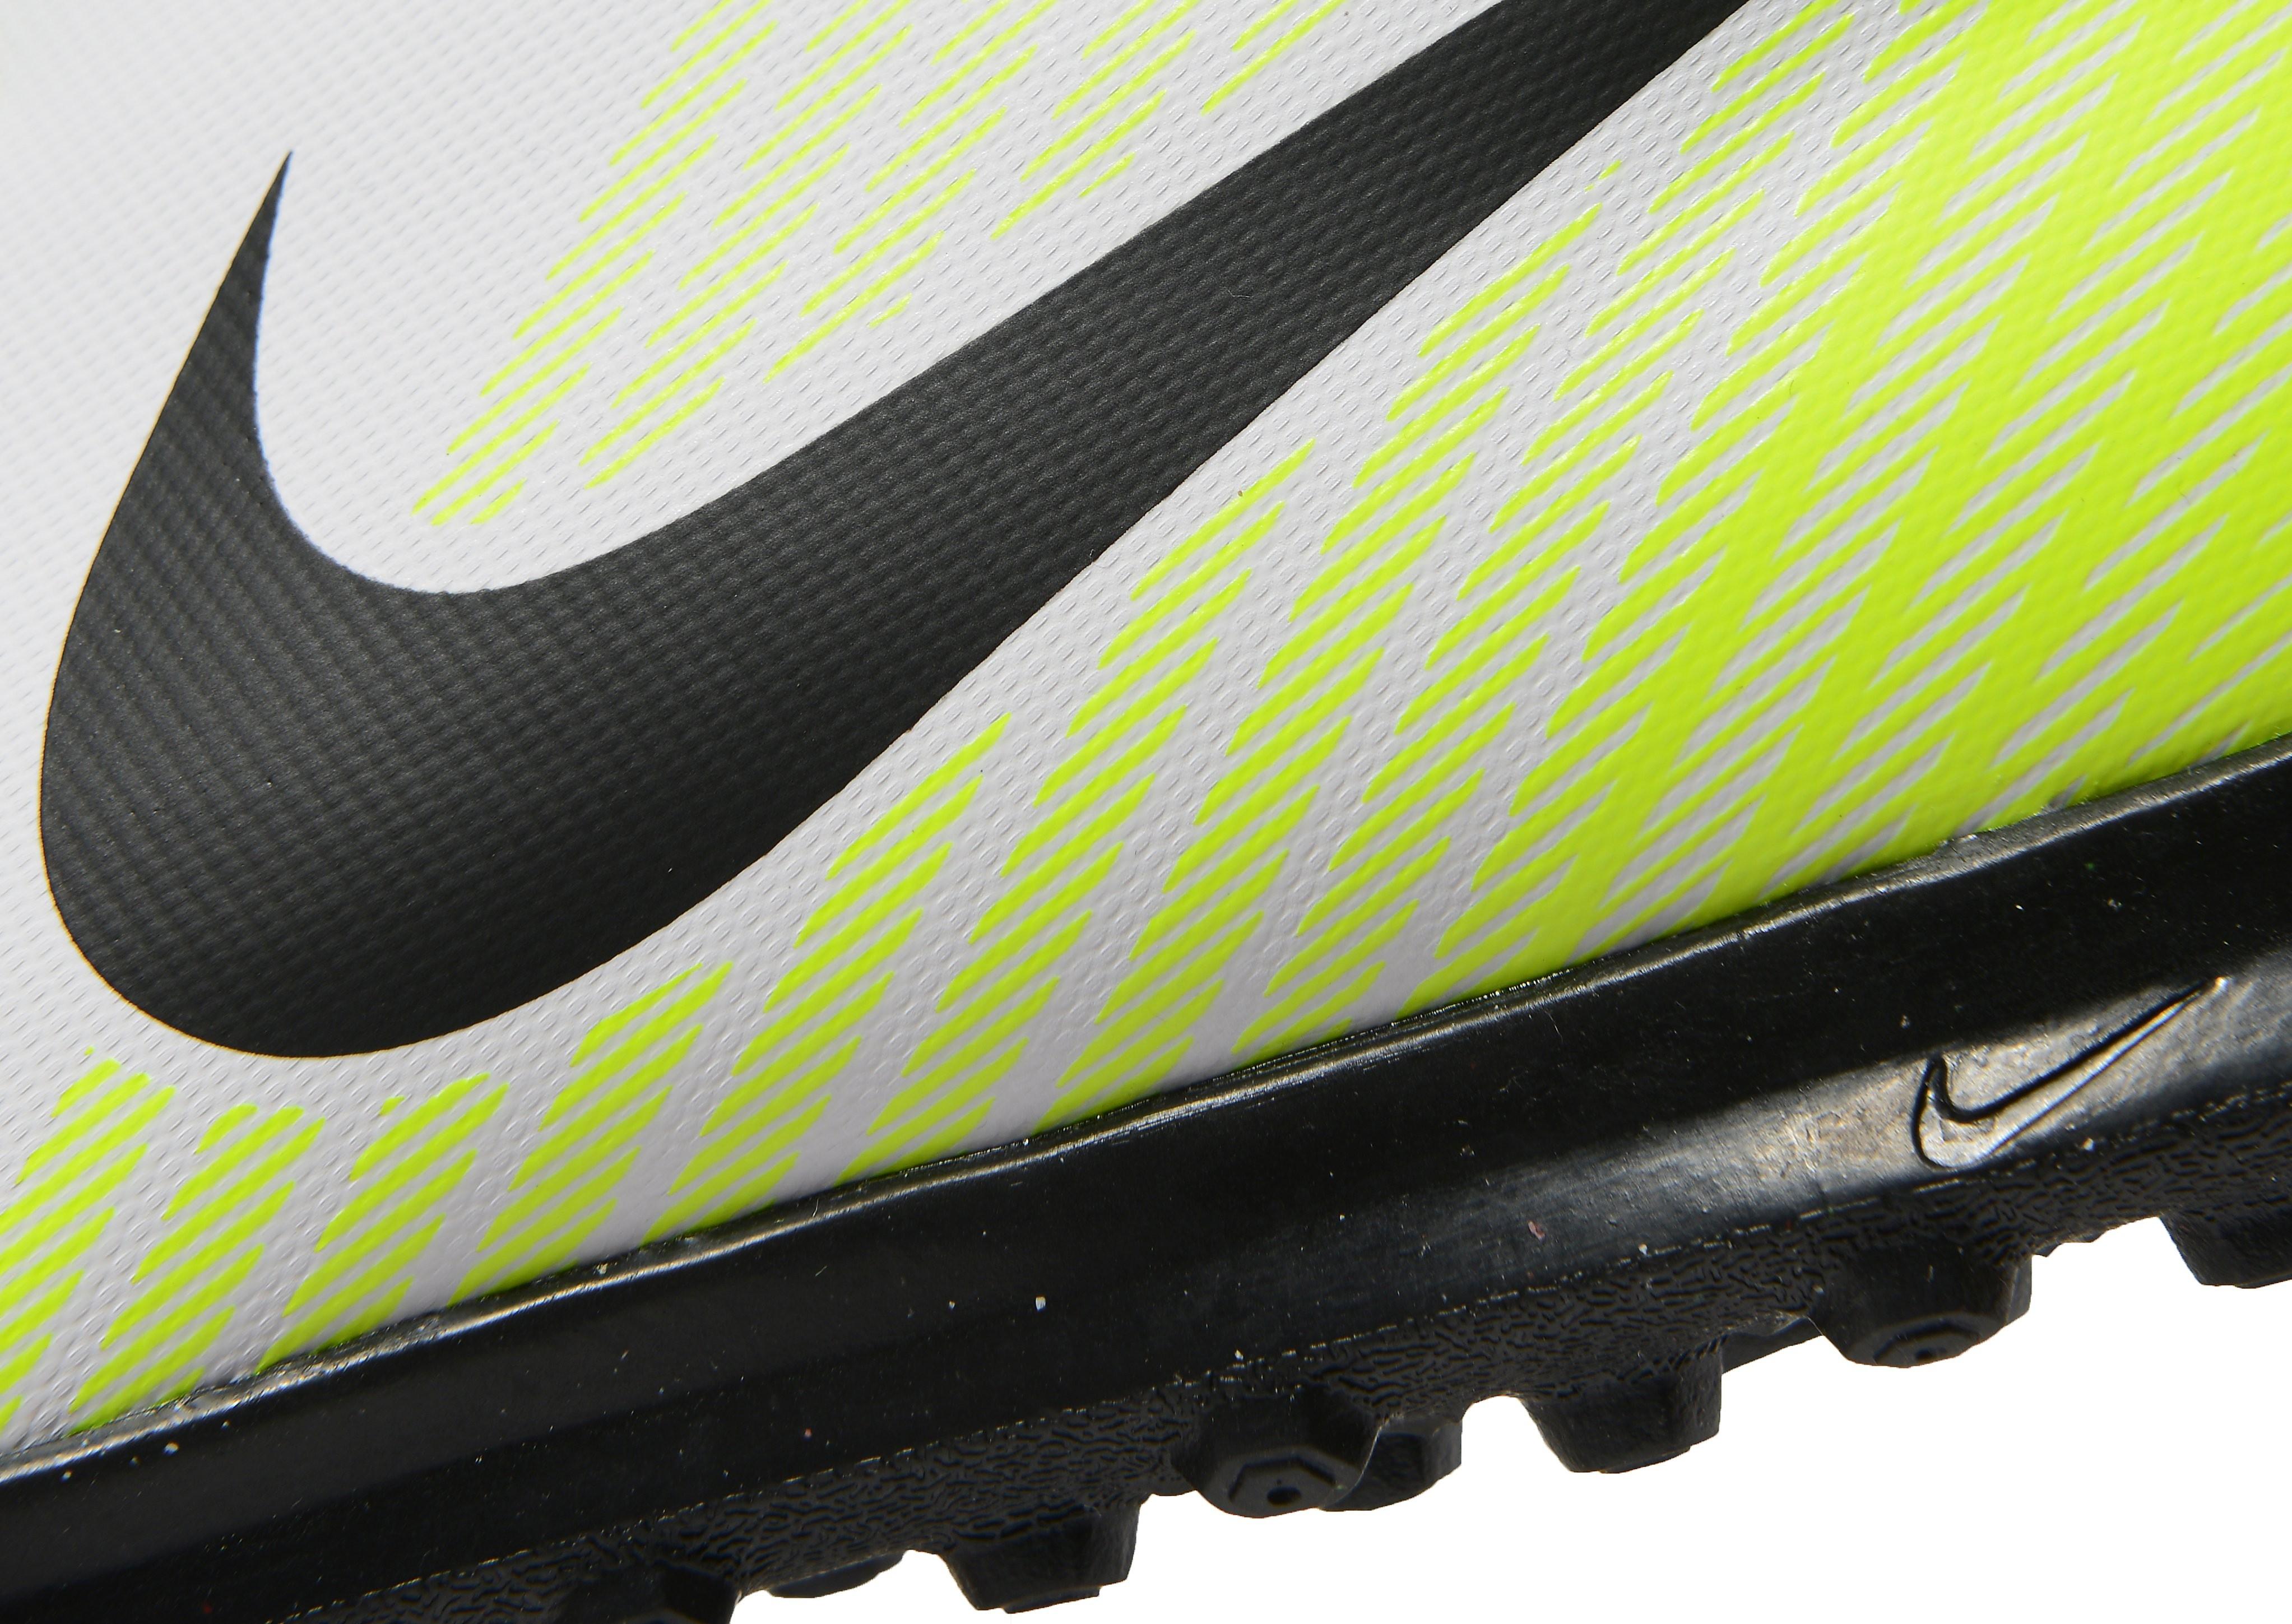 Nike Motion Blur Magista Ola Astro Turf Homme